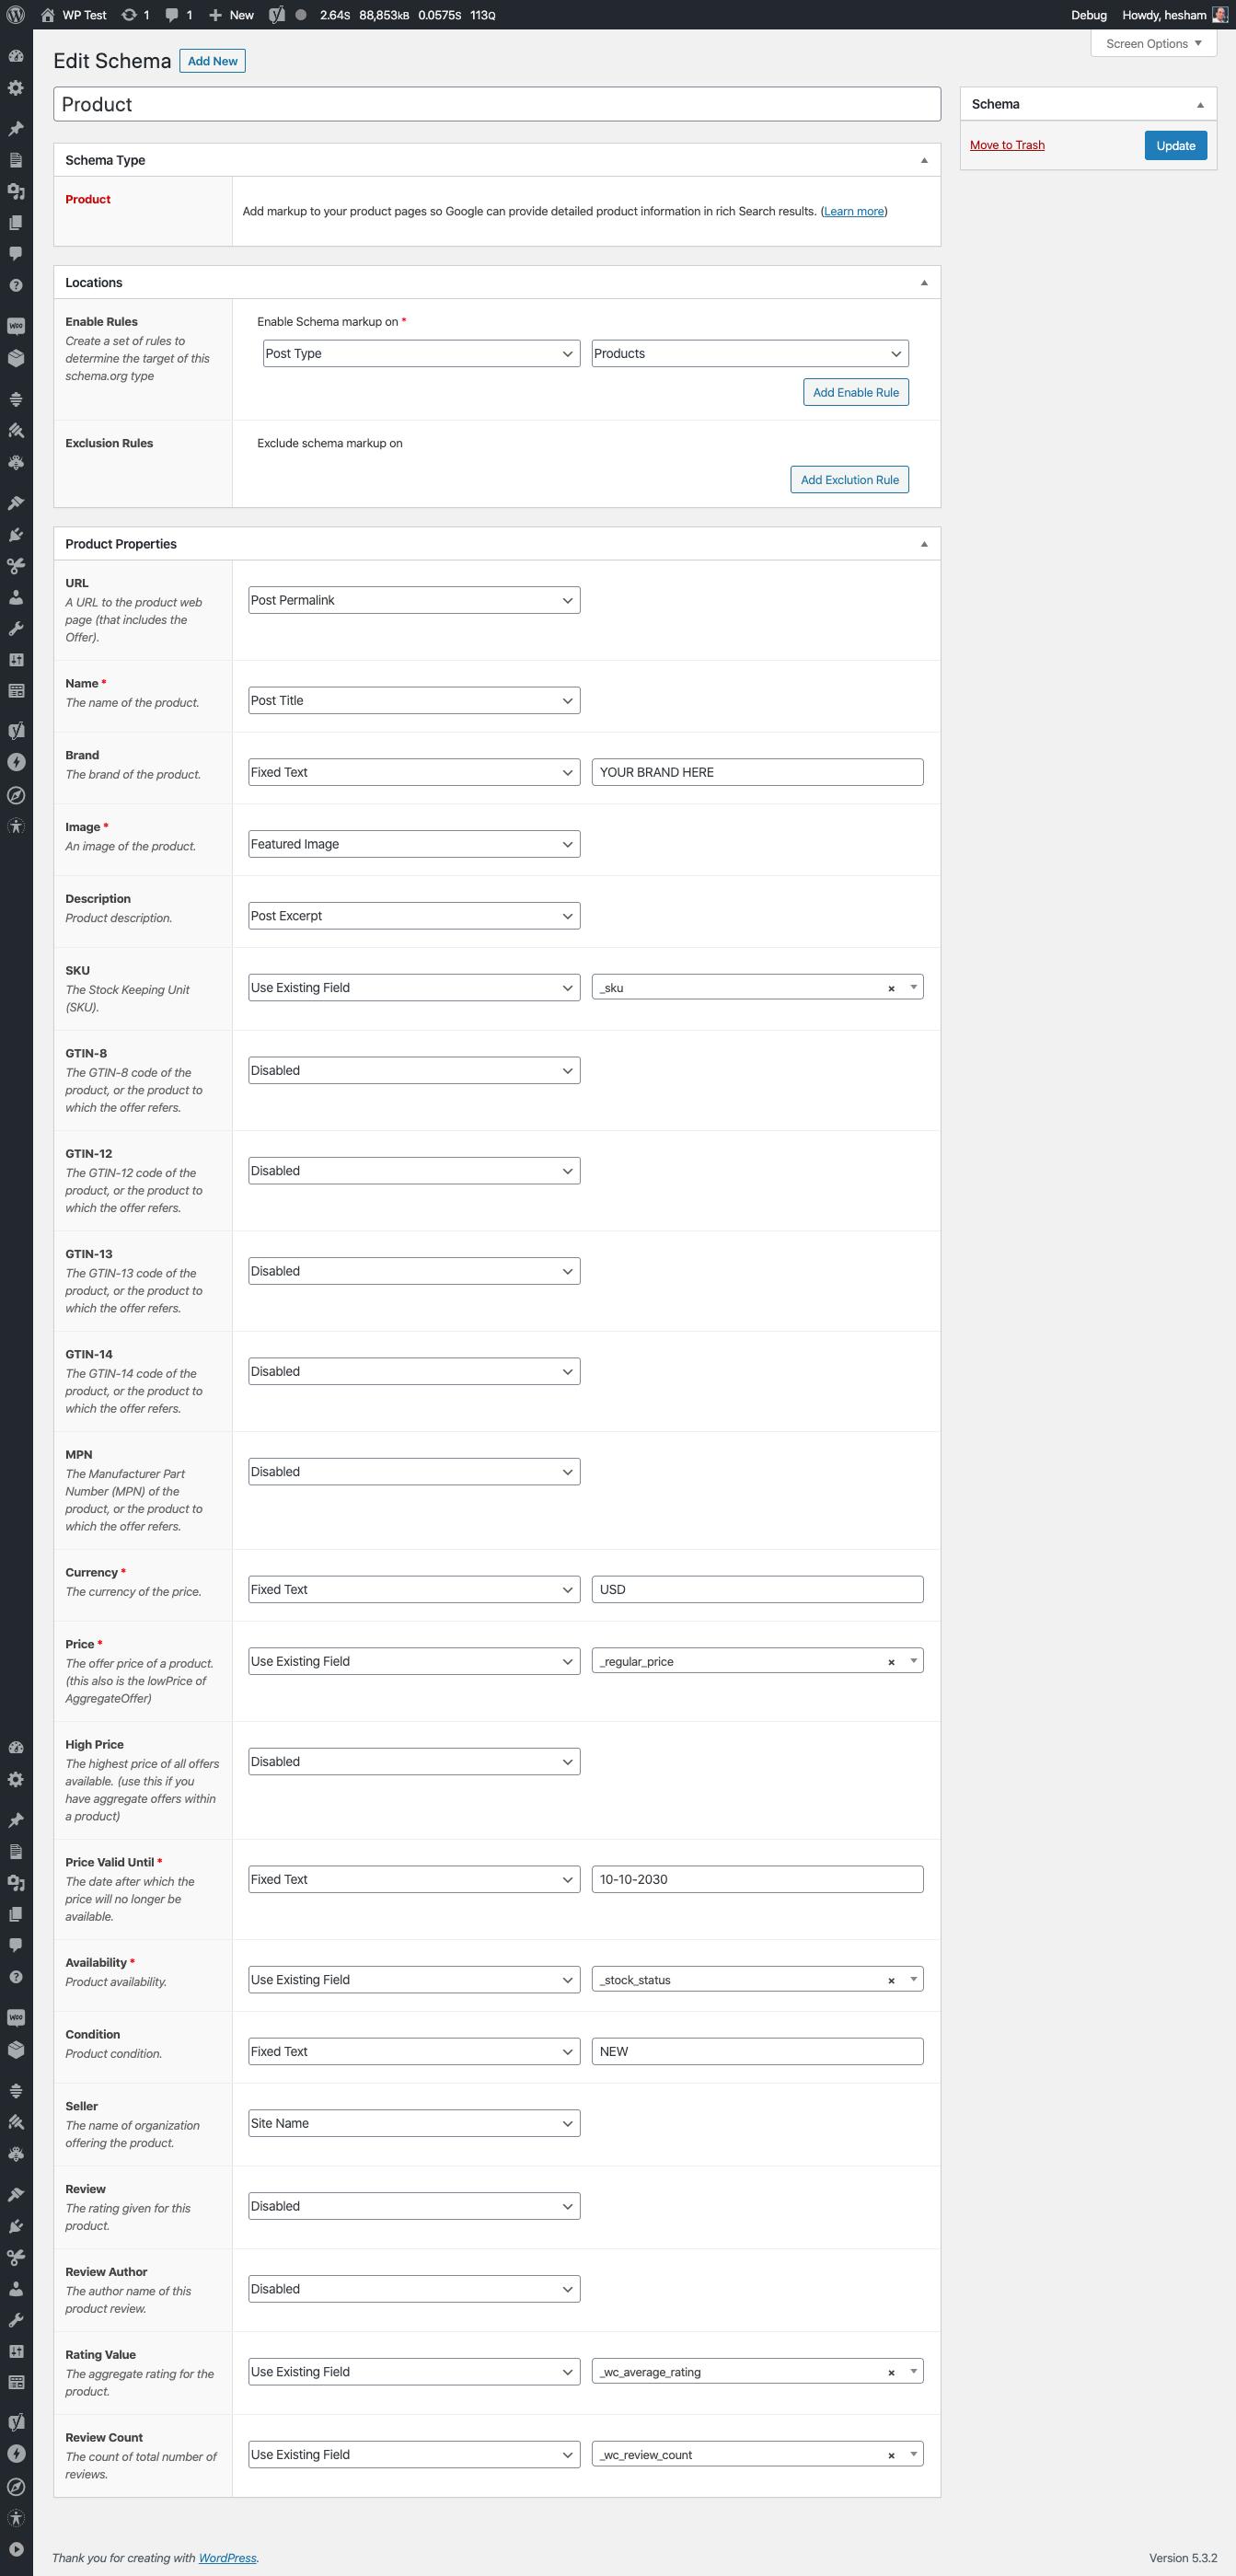 Schema Premium integration with WooCommerce